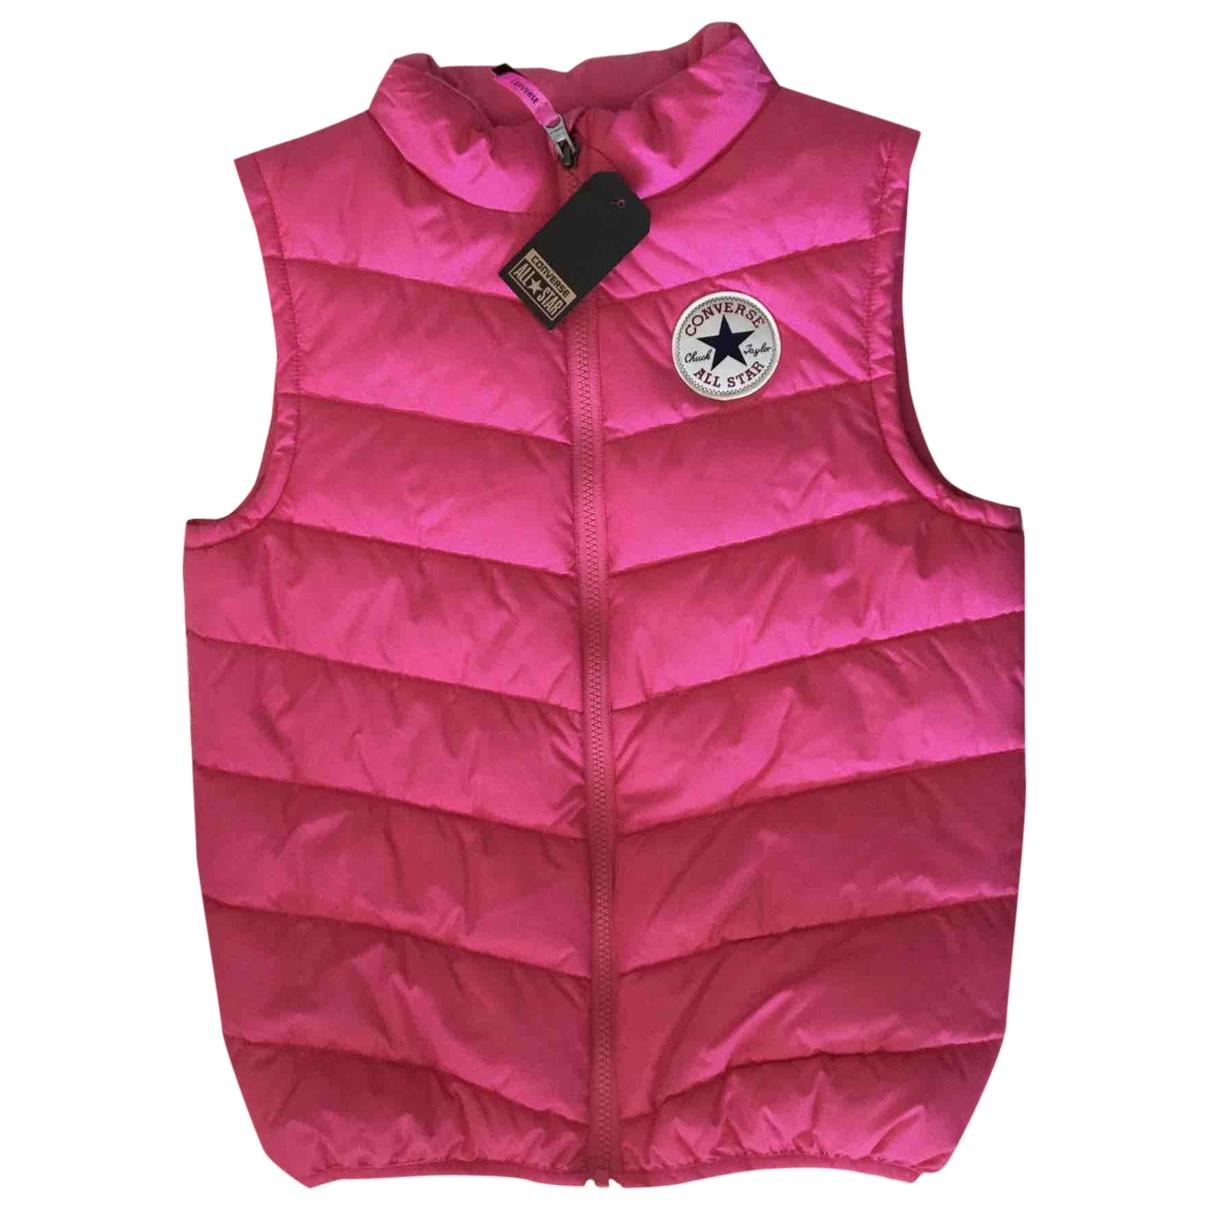 Converse - Blousons.Manteaux   pour enfant - rose